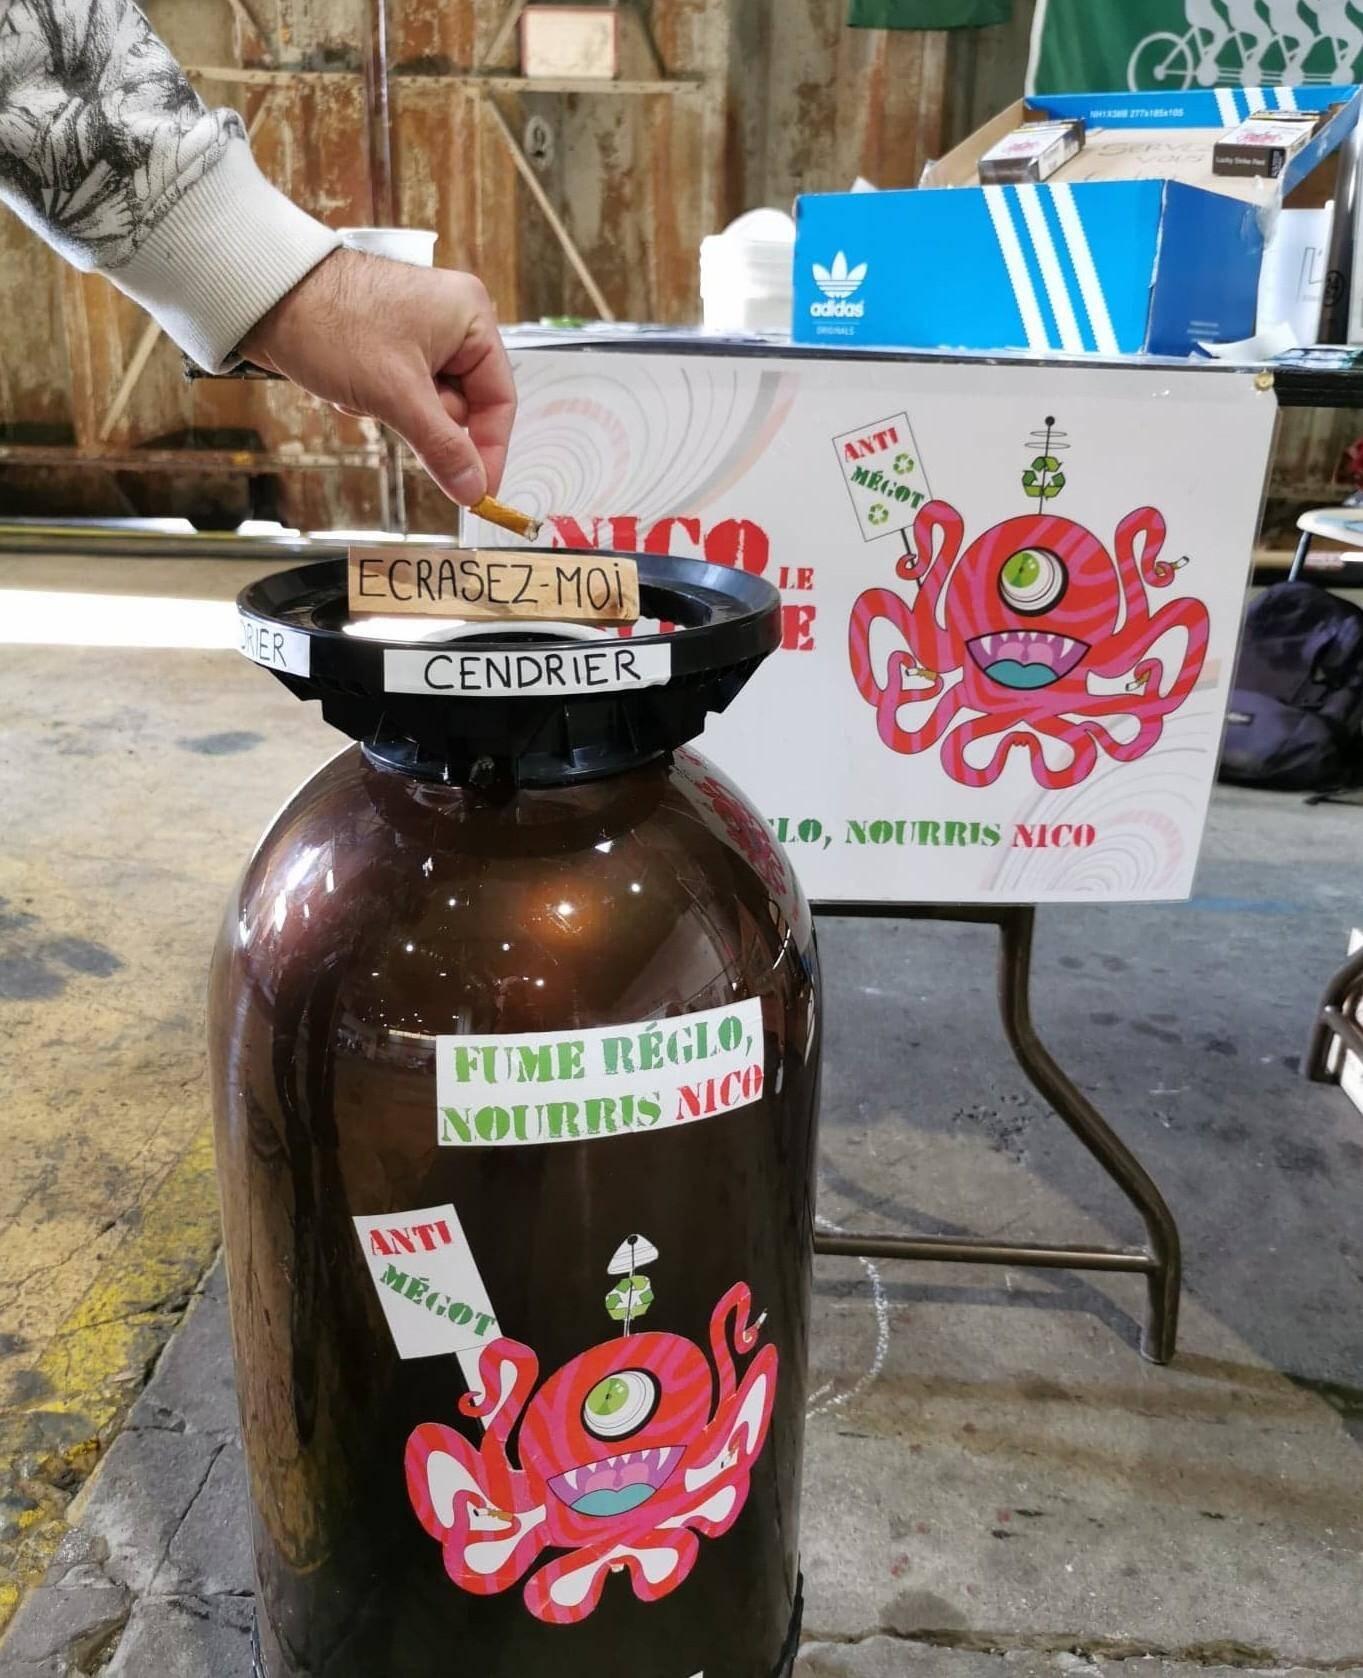 """Nico le Cyclope, le cendrier géant qui lutte contre la pollution des mégots : """"Fume réglo, nourris nico"""""""